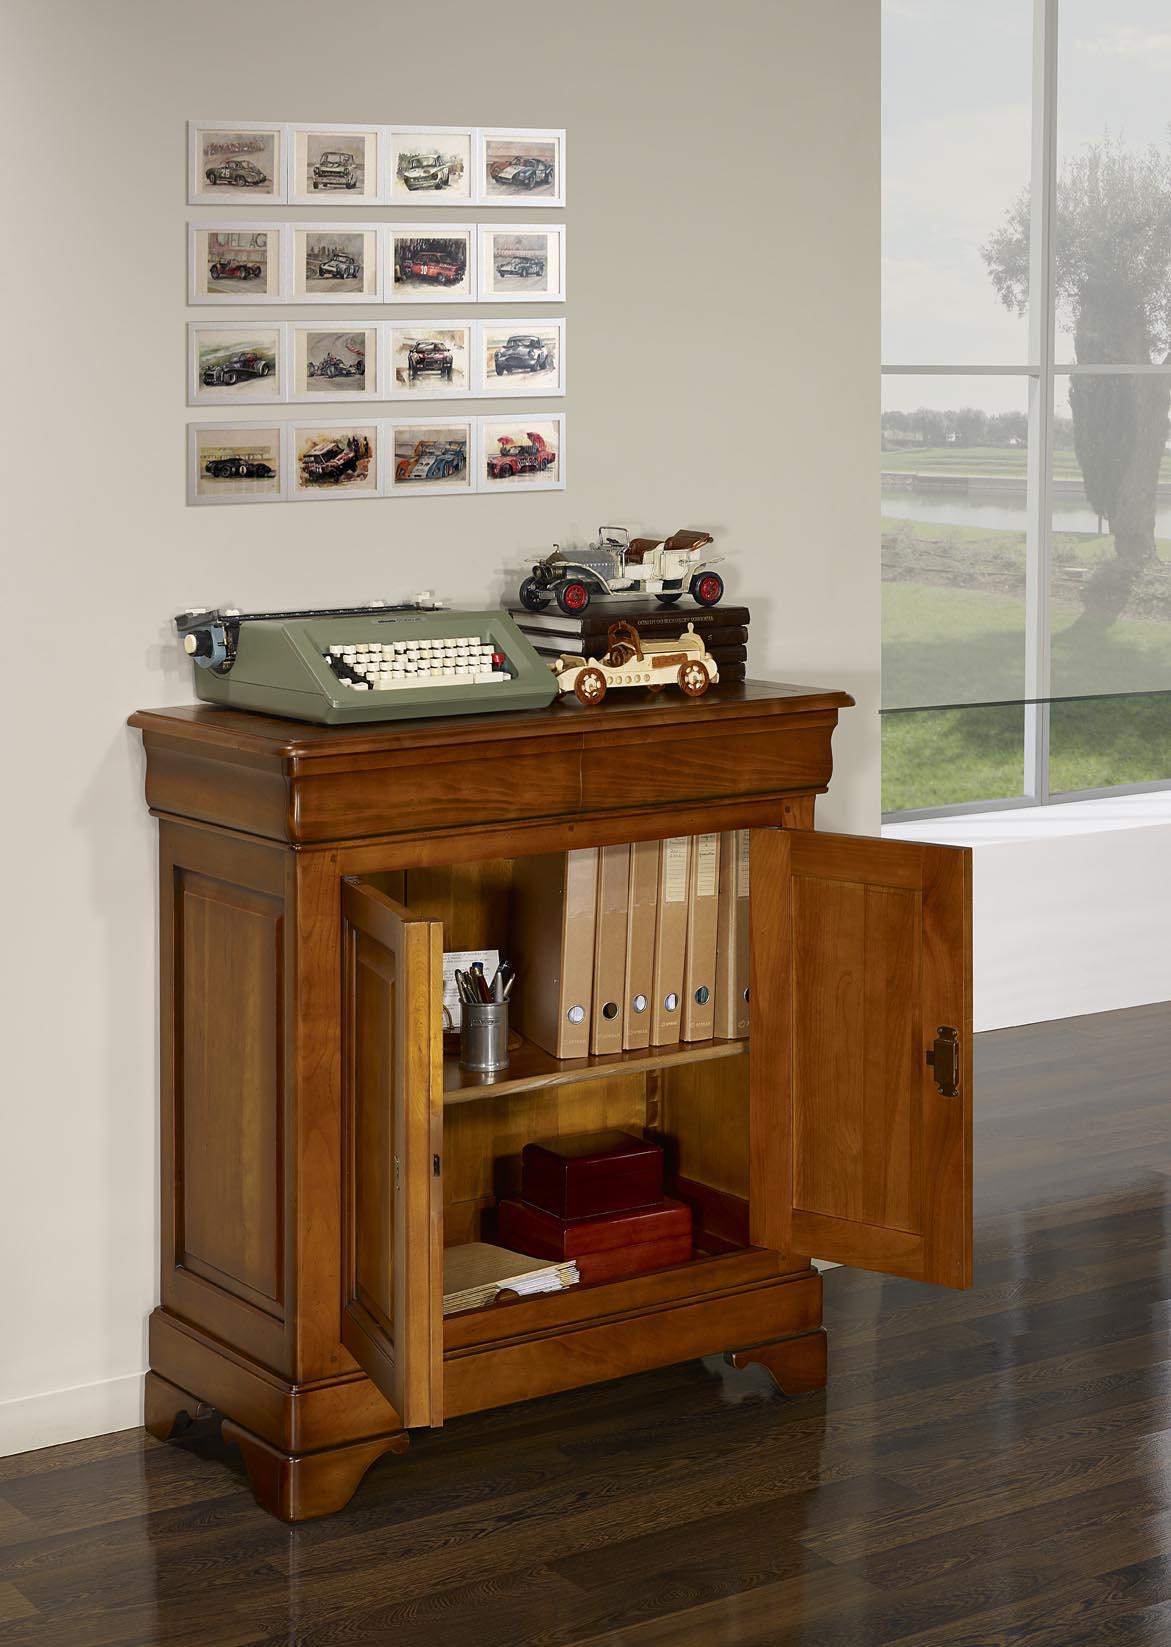 petit buffet 2 portes en merisier massif de style louis philippe meuble en merisier massif. Black Bedroom Furniture Sets. Home Design Ideas